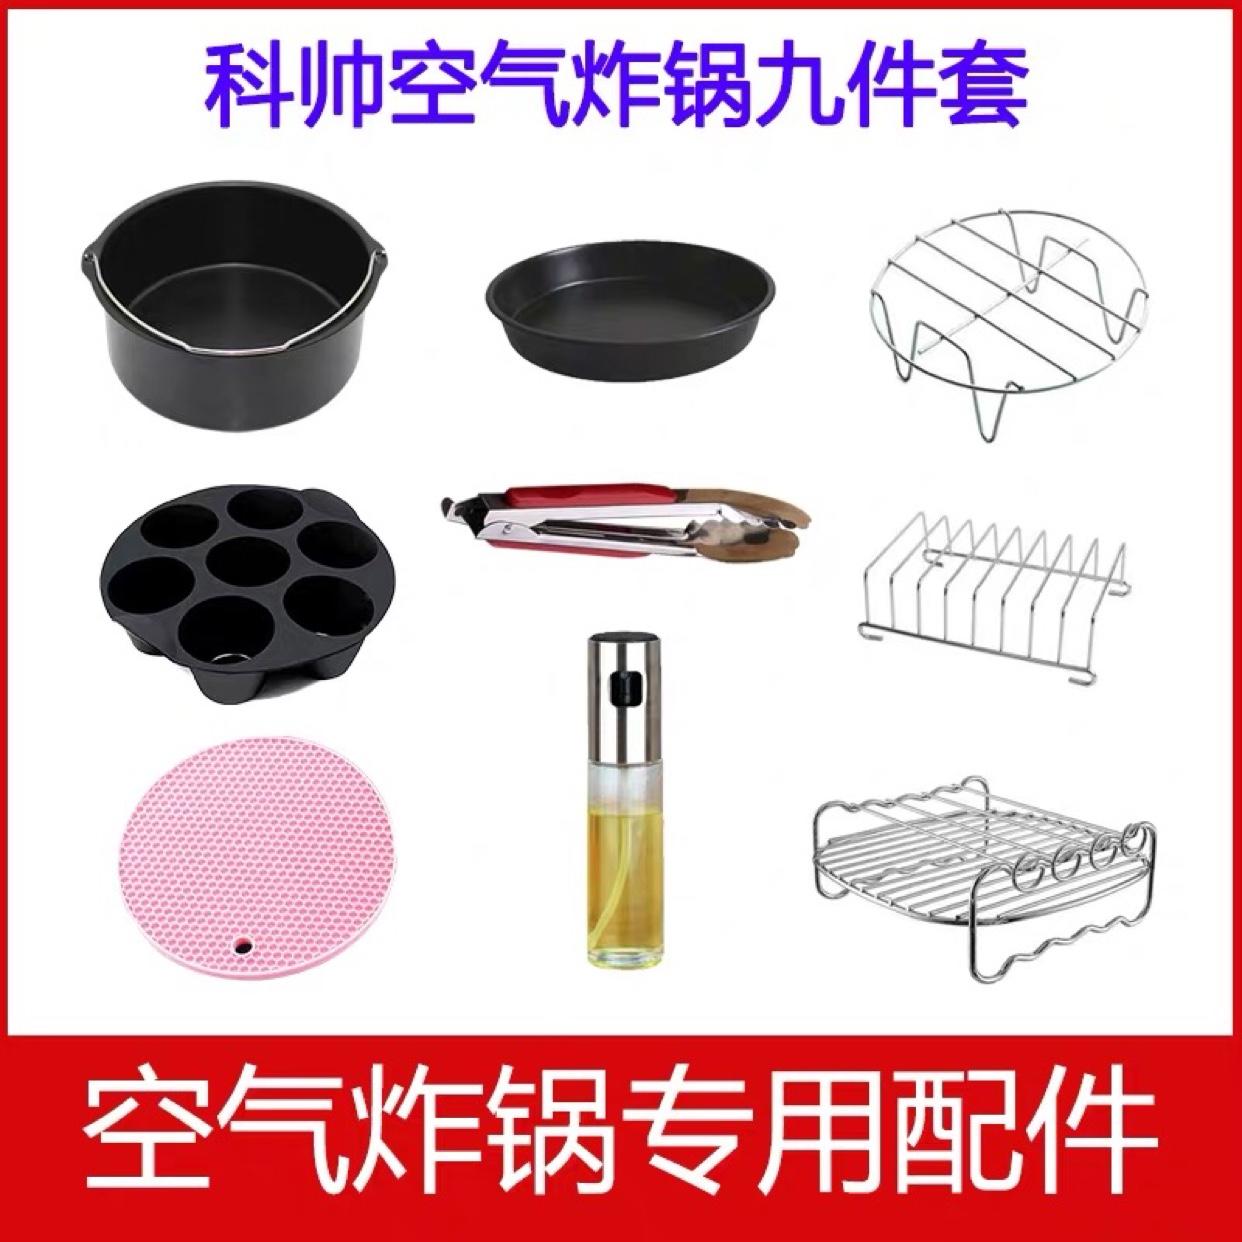 科帥品夏空氣炸鍋配件臺灣110V吸油烘焙紙蛋糕籃烤架噴油瓶披薩盤